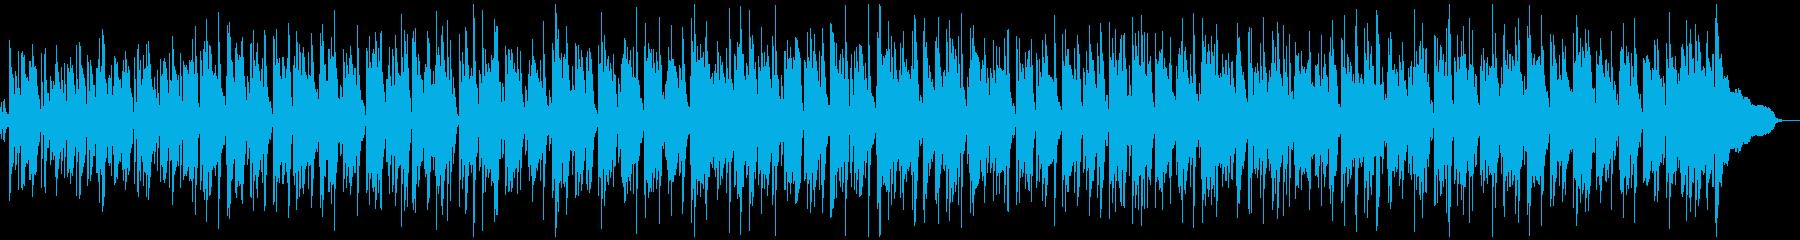 軽快でおしゃれなピアノトリオのボサノバの再生済みの波形